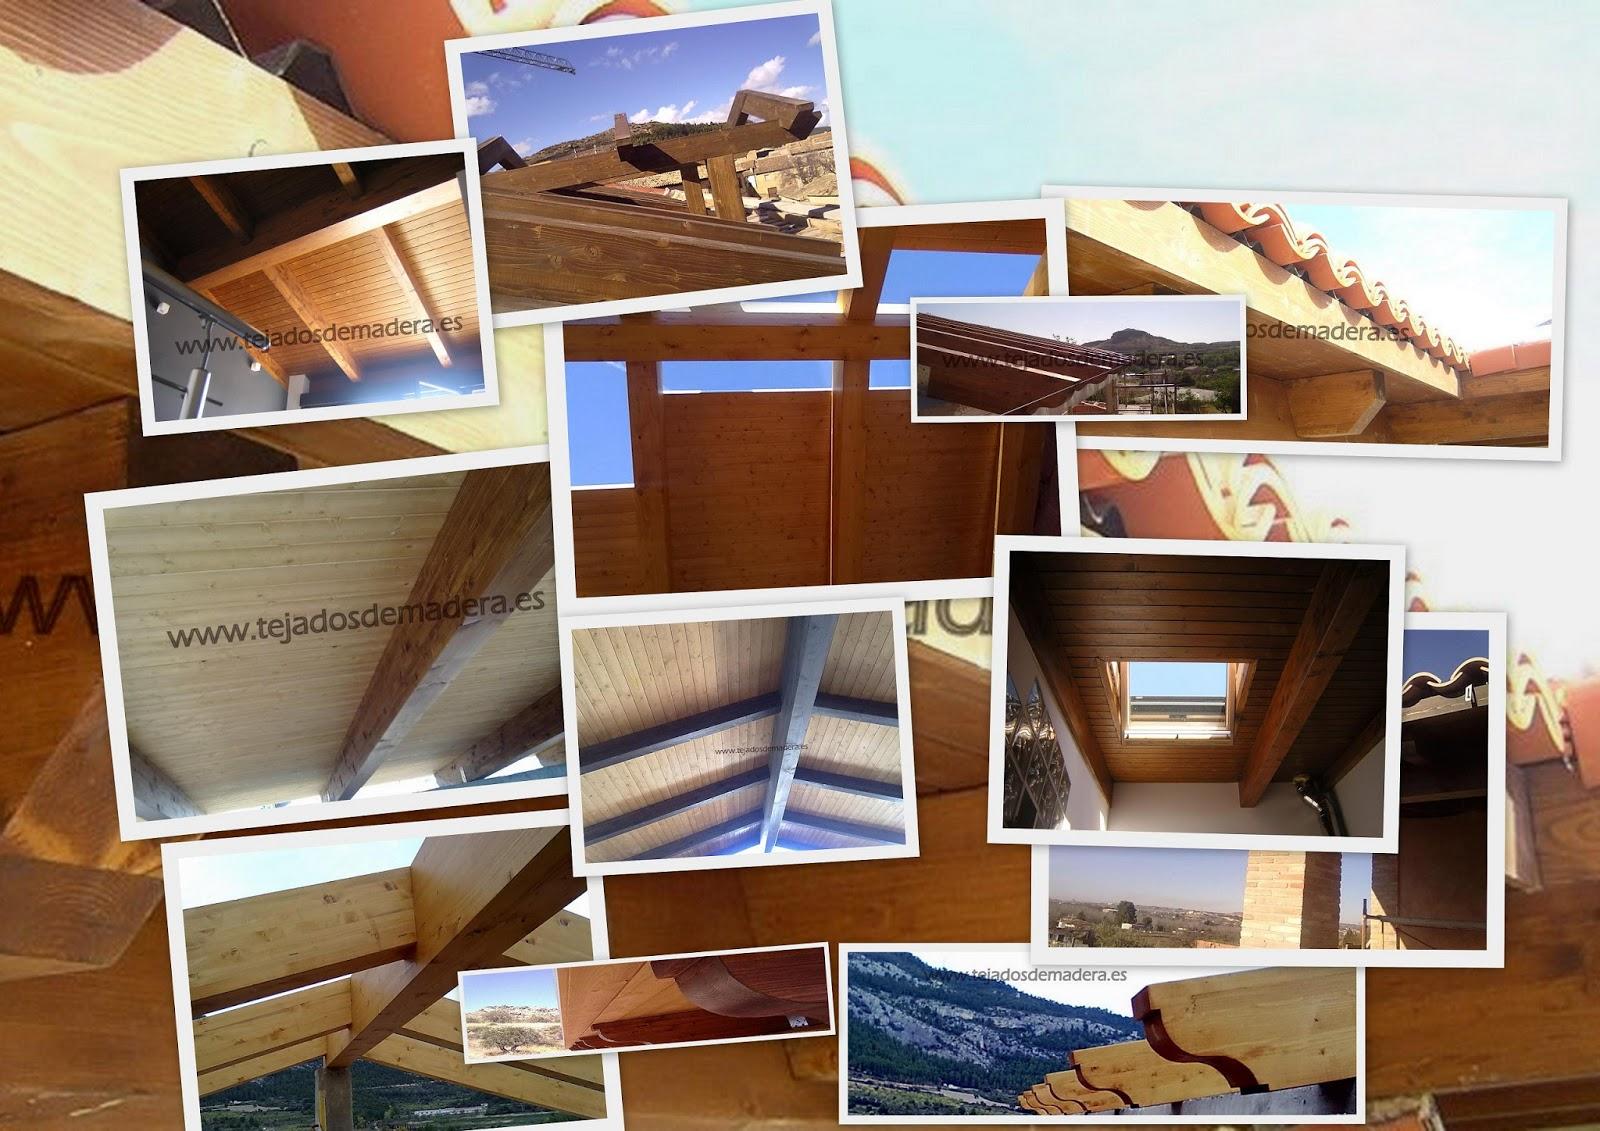 Estructuras De Madera Cutecma Cutecma Feliz 2012